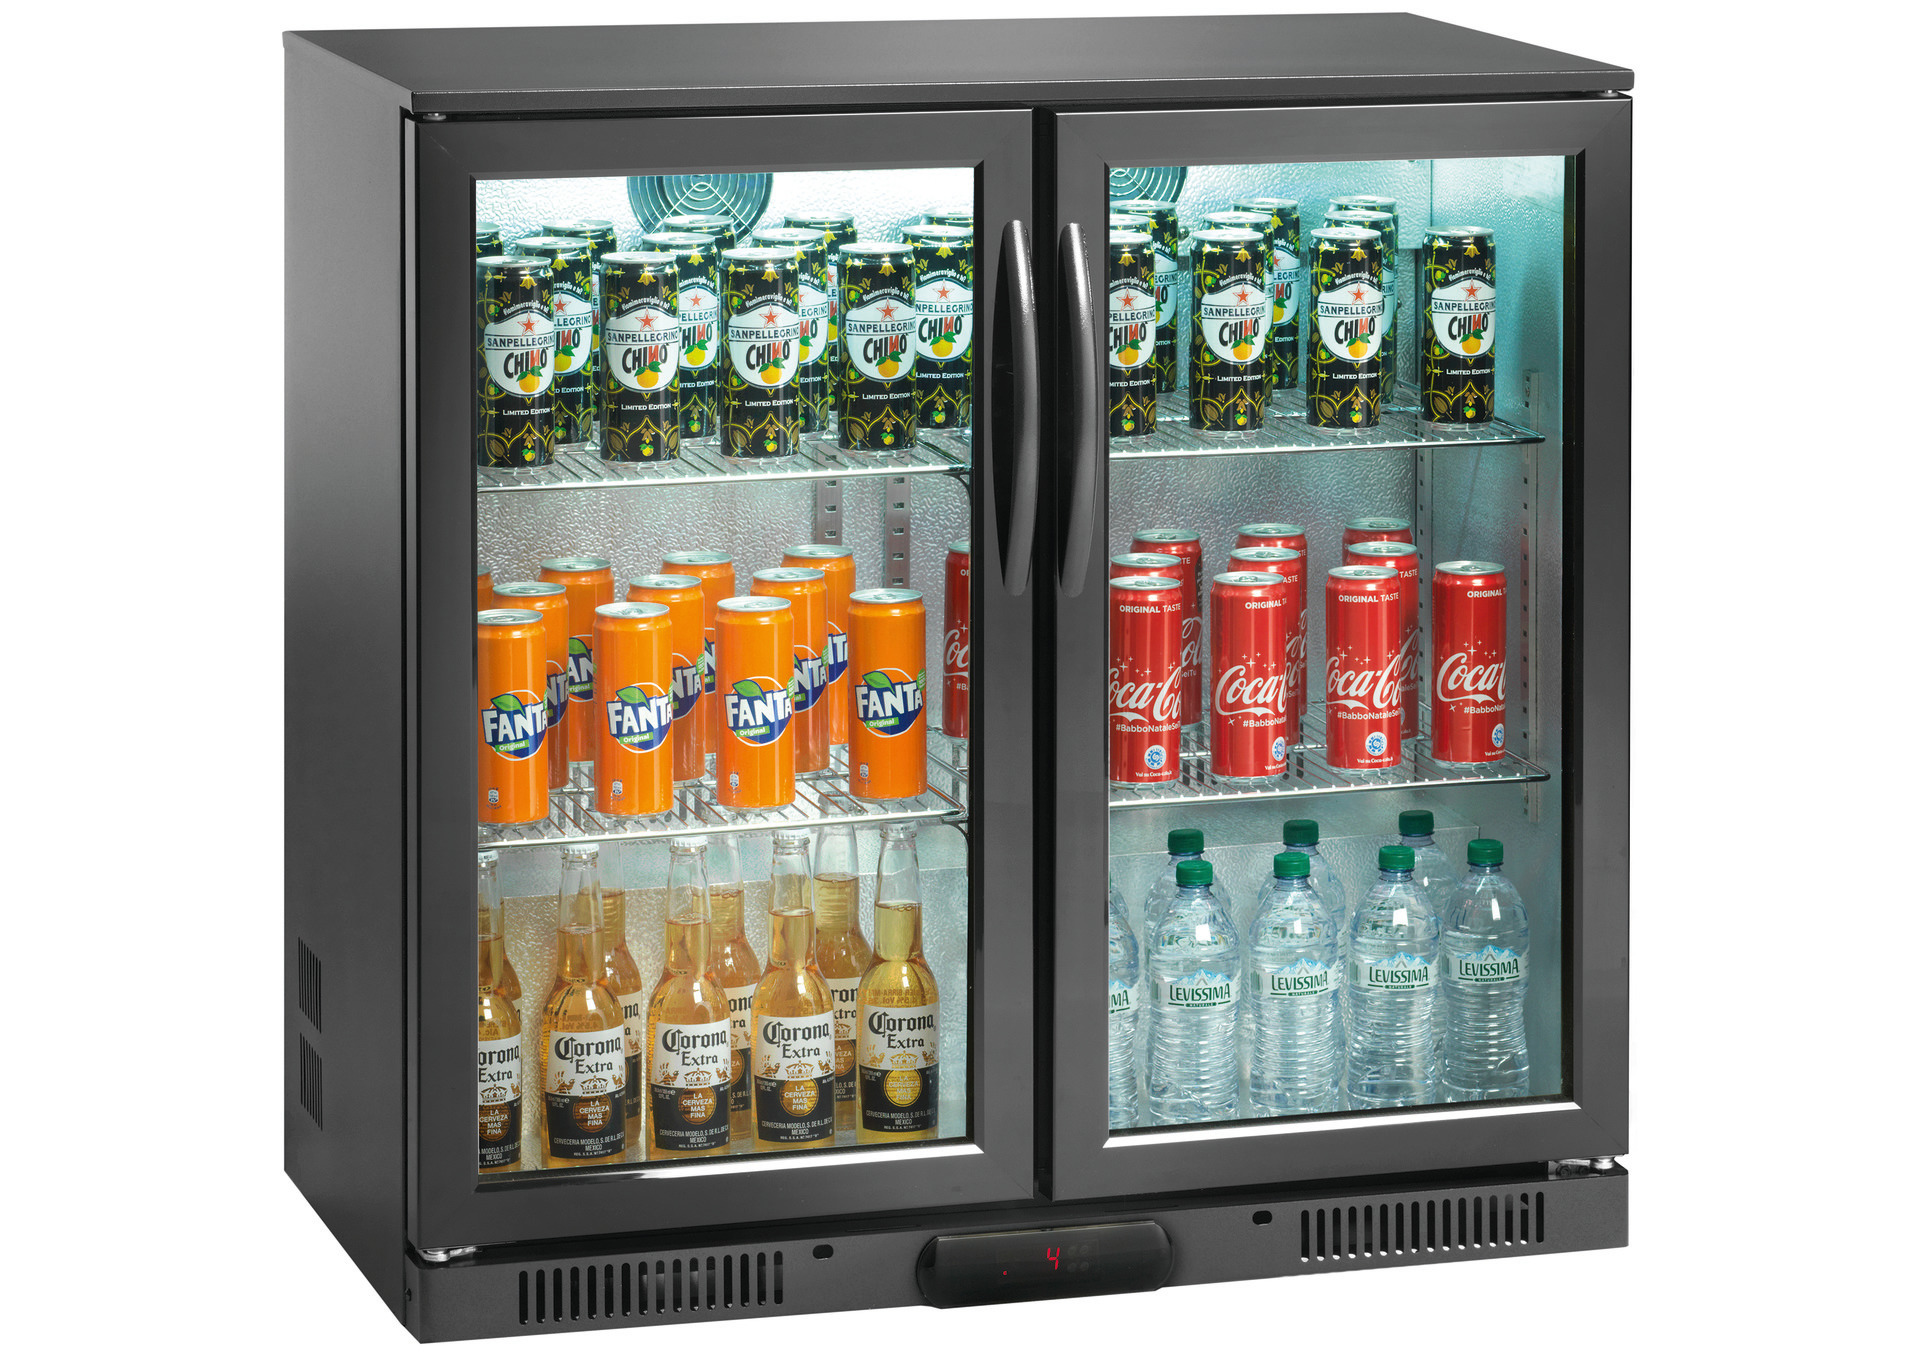 Flaschenkühlschrank 220 l 2 Flügeltüren 4 Roste